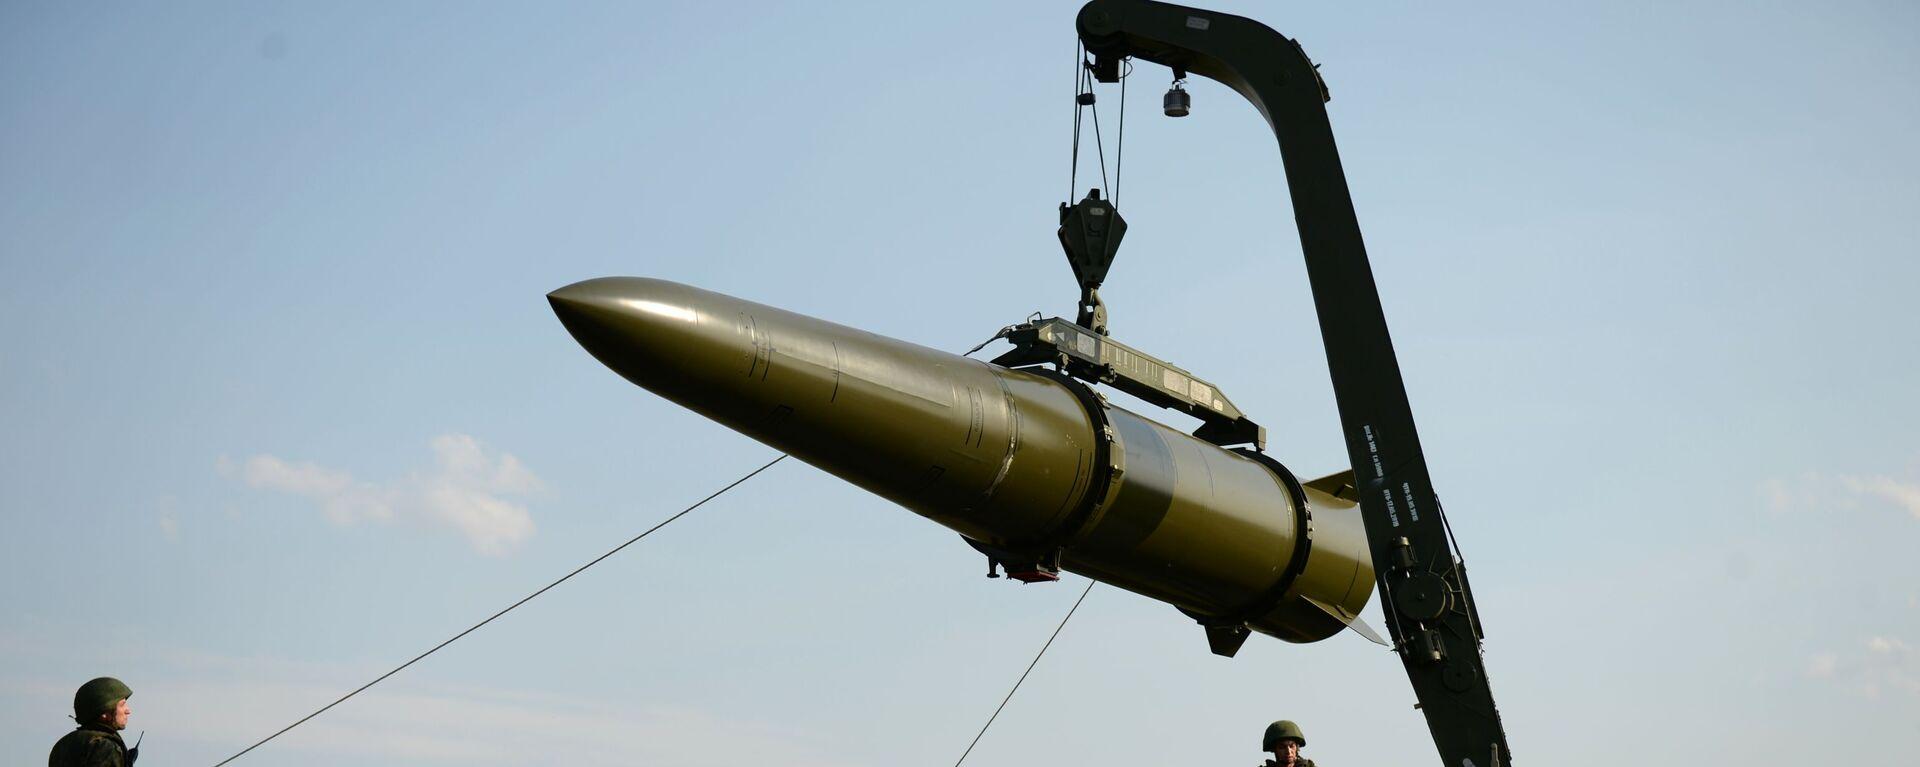 Развёртывание оперативно-тактического ракетного комплекса Искандер-М - Sputnik Արմենիա, 1920, 03.06.2021